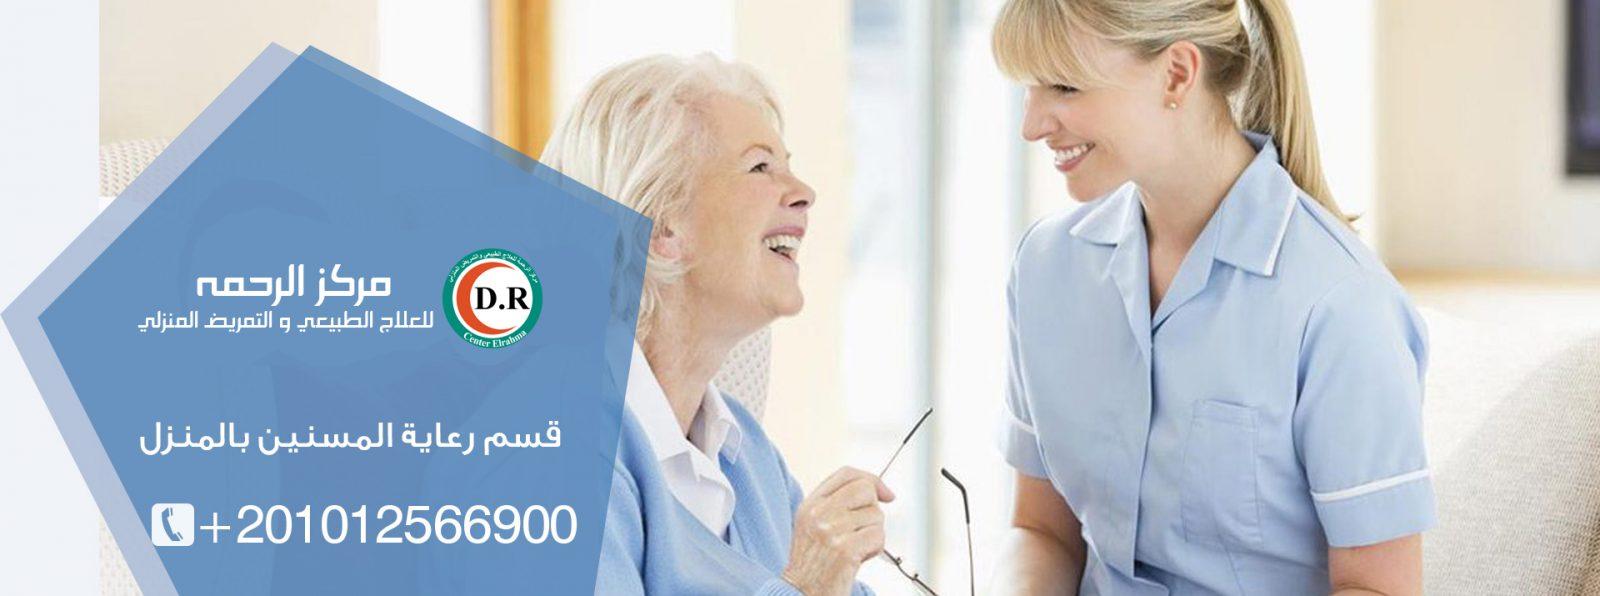 خدمات التمريض المنزلي